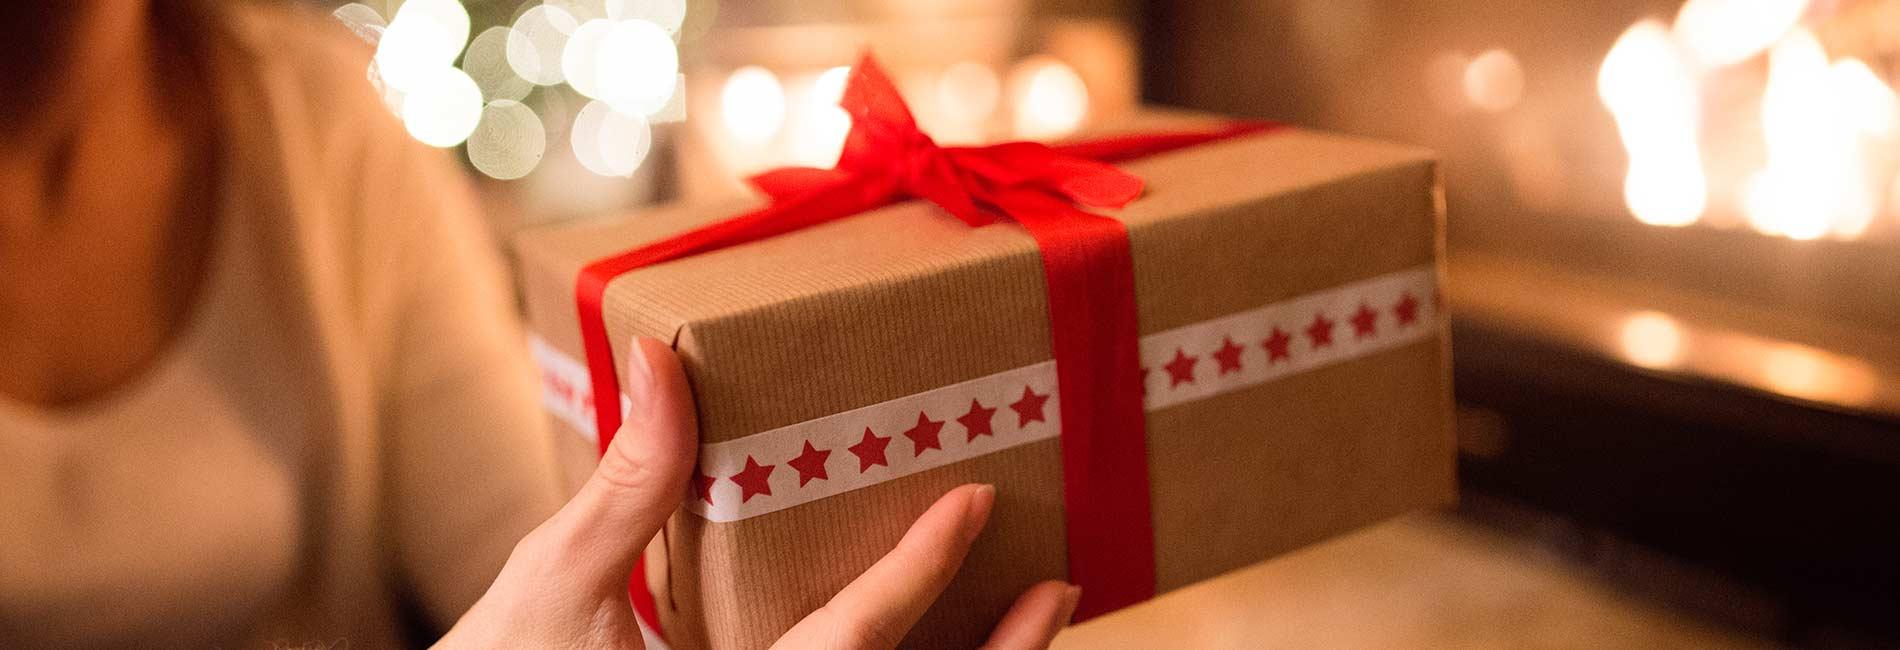 Weihnachten Silvester im Stubaital in Tirol Urlaub in Neustift Milders Hotel Almhof